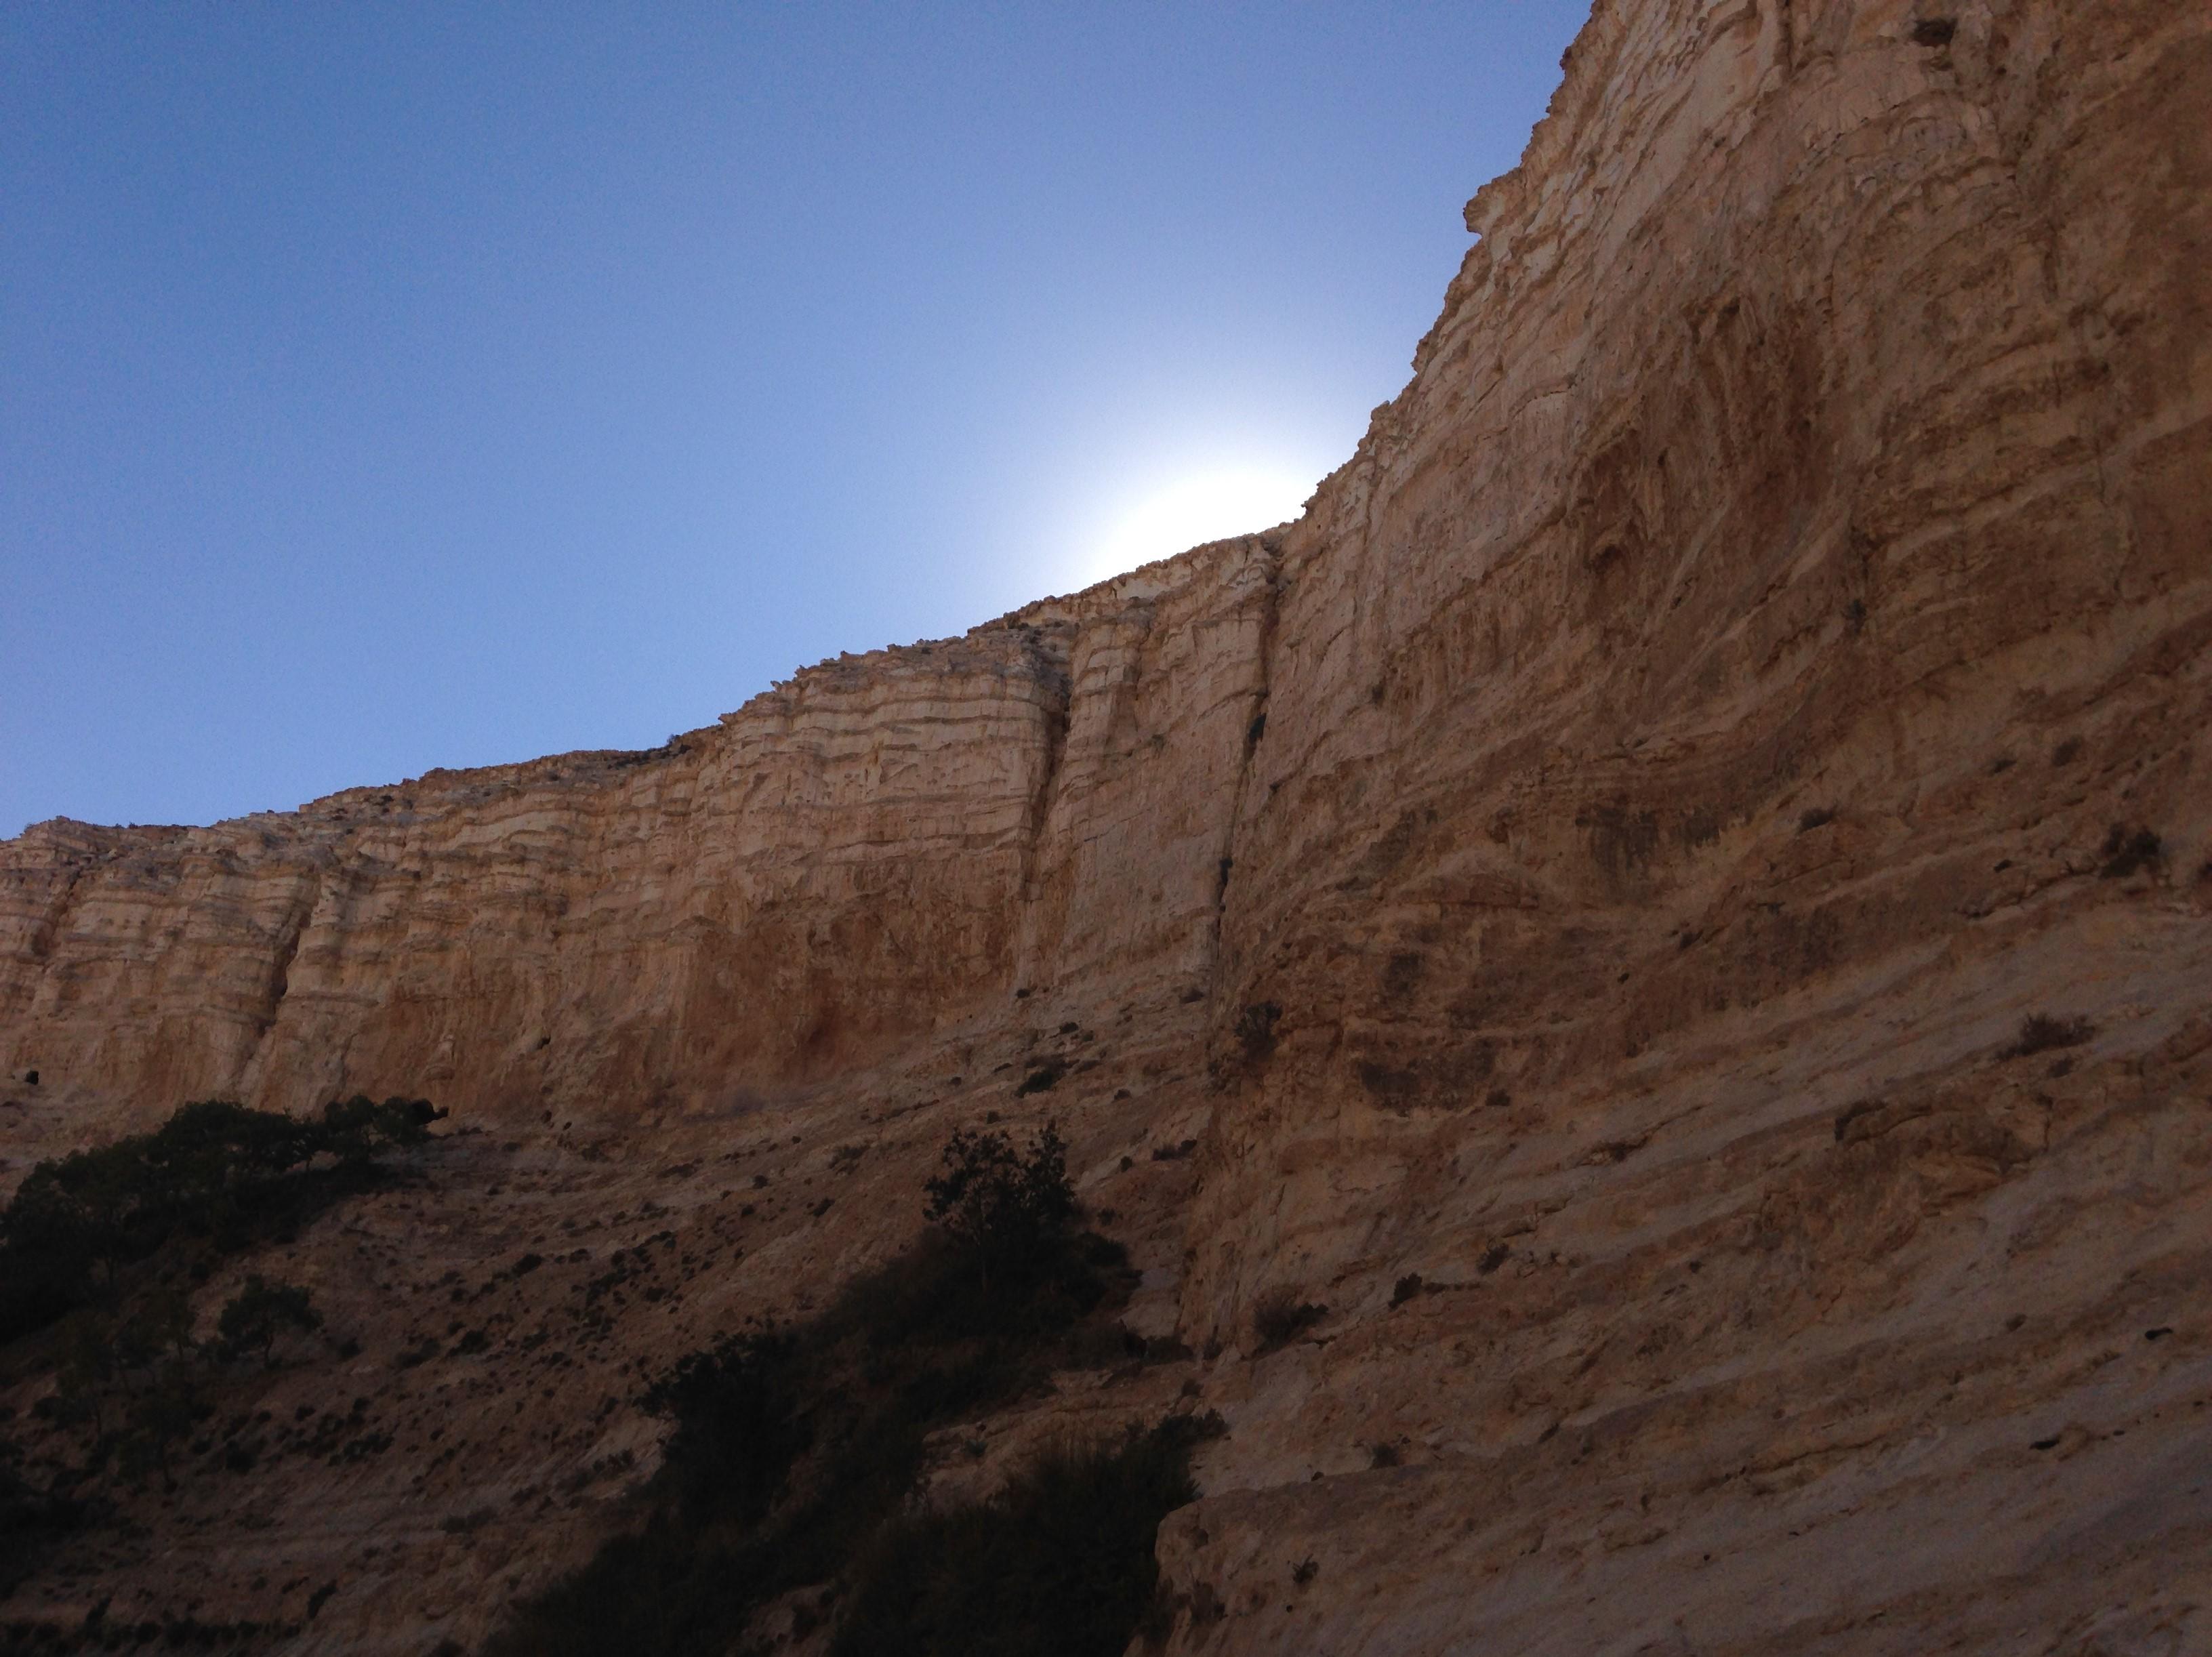 sun over wall in desert